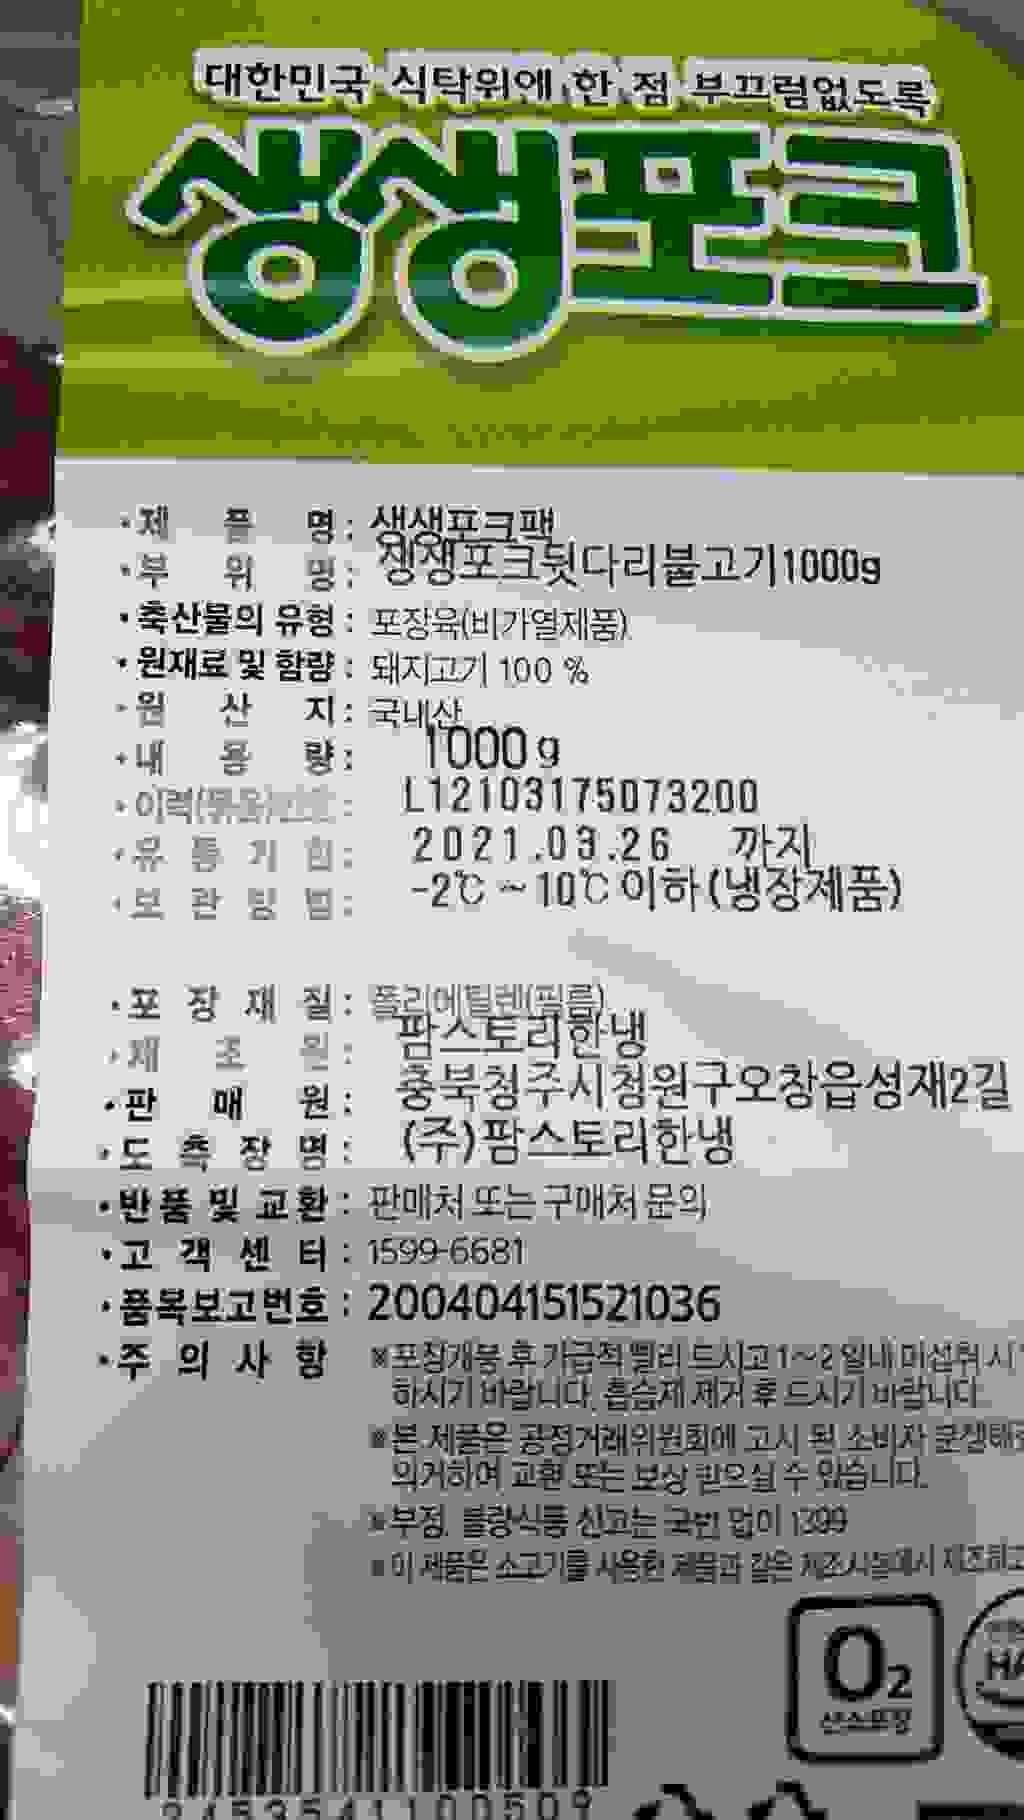 생생포크 한돈 뒷다리살 불고기용 (냉장)  리뷰 후기